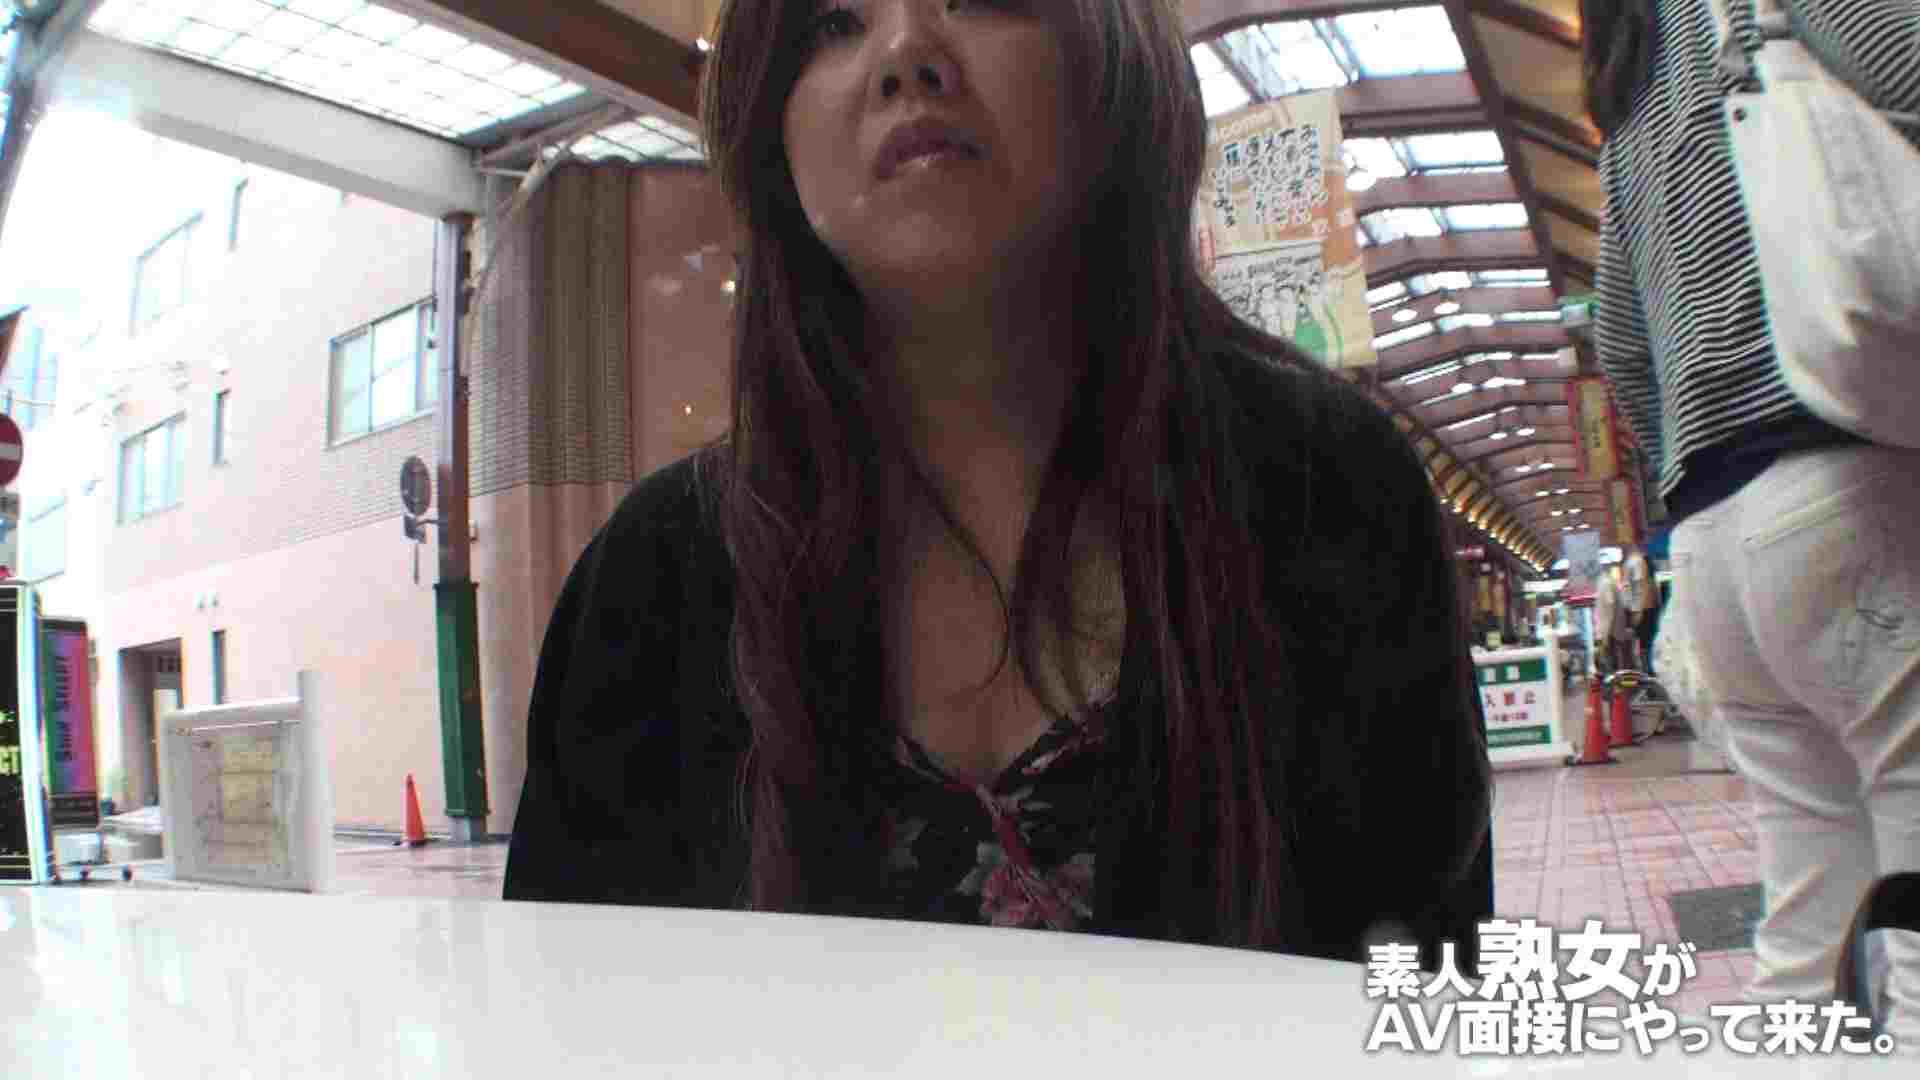 素人熟女がAV面接にやってきた (仮名)ゆかさんVOL.01 熟女 のぞき動画画像 71pic 28